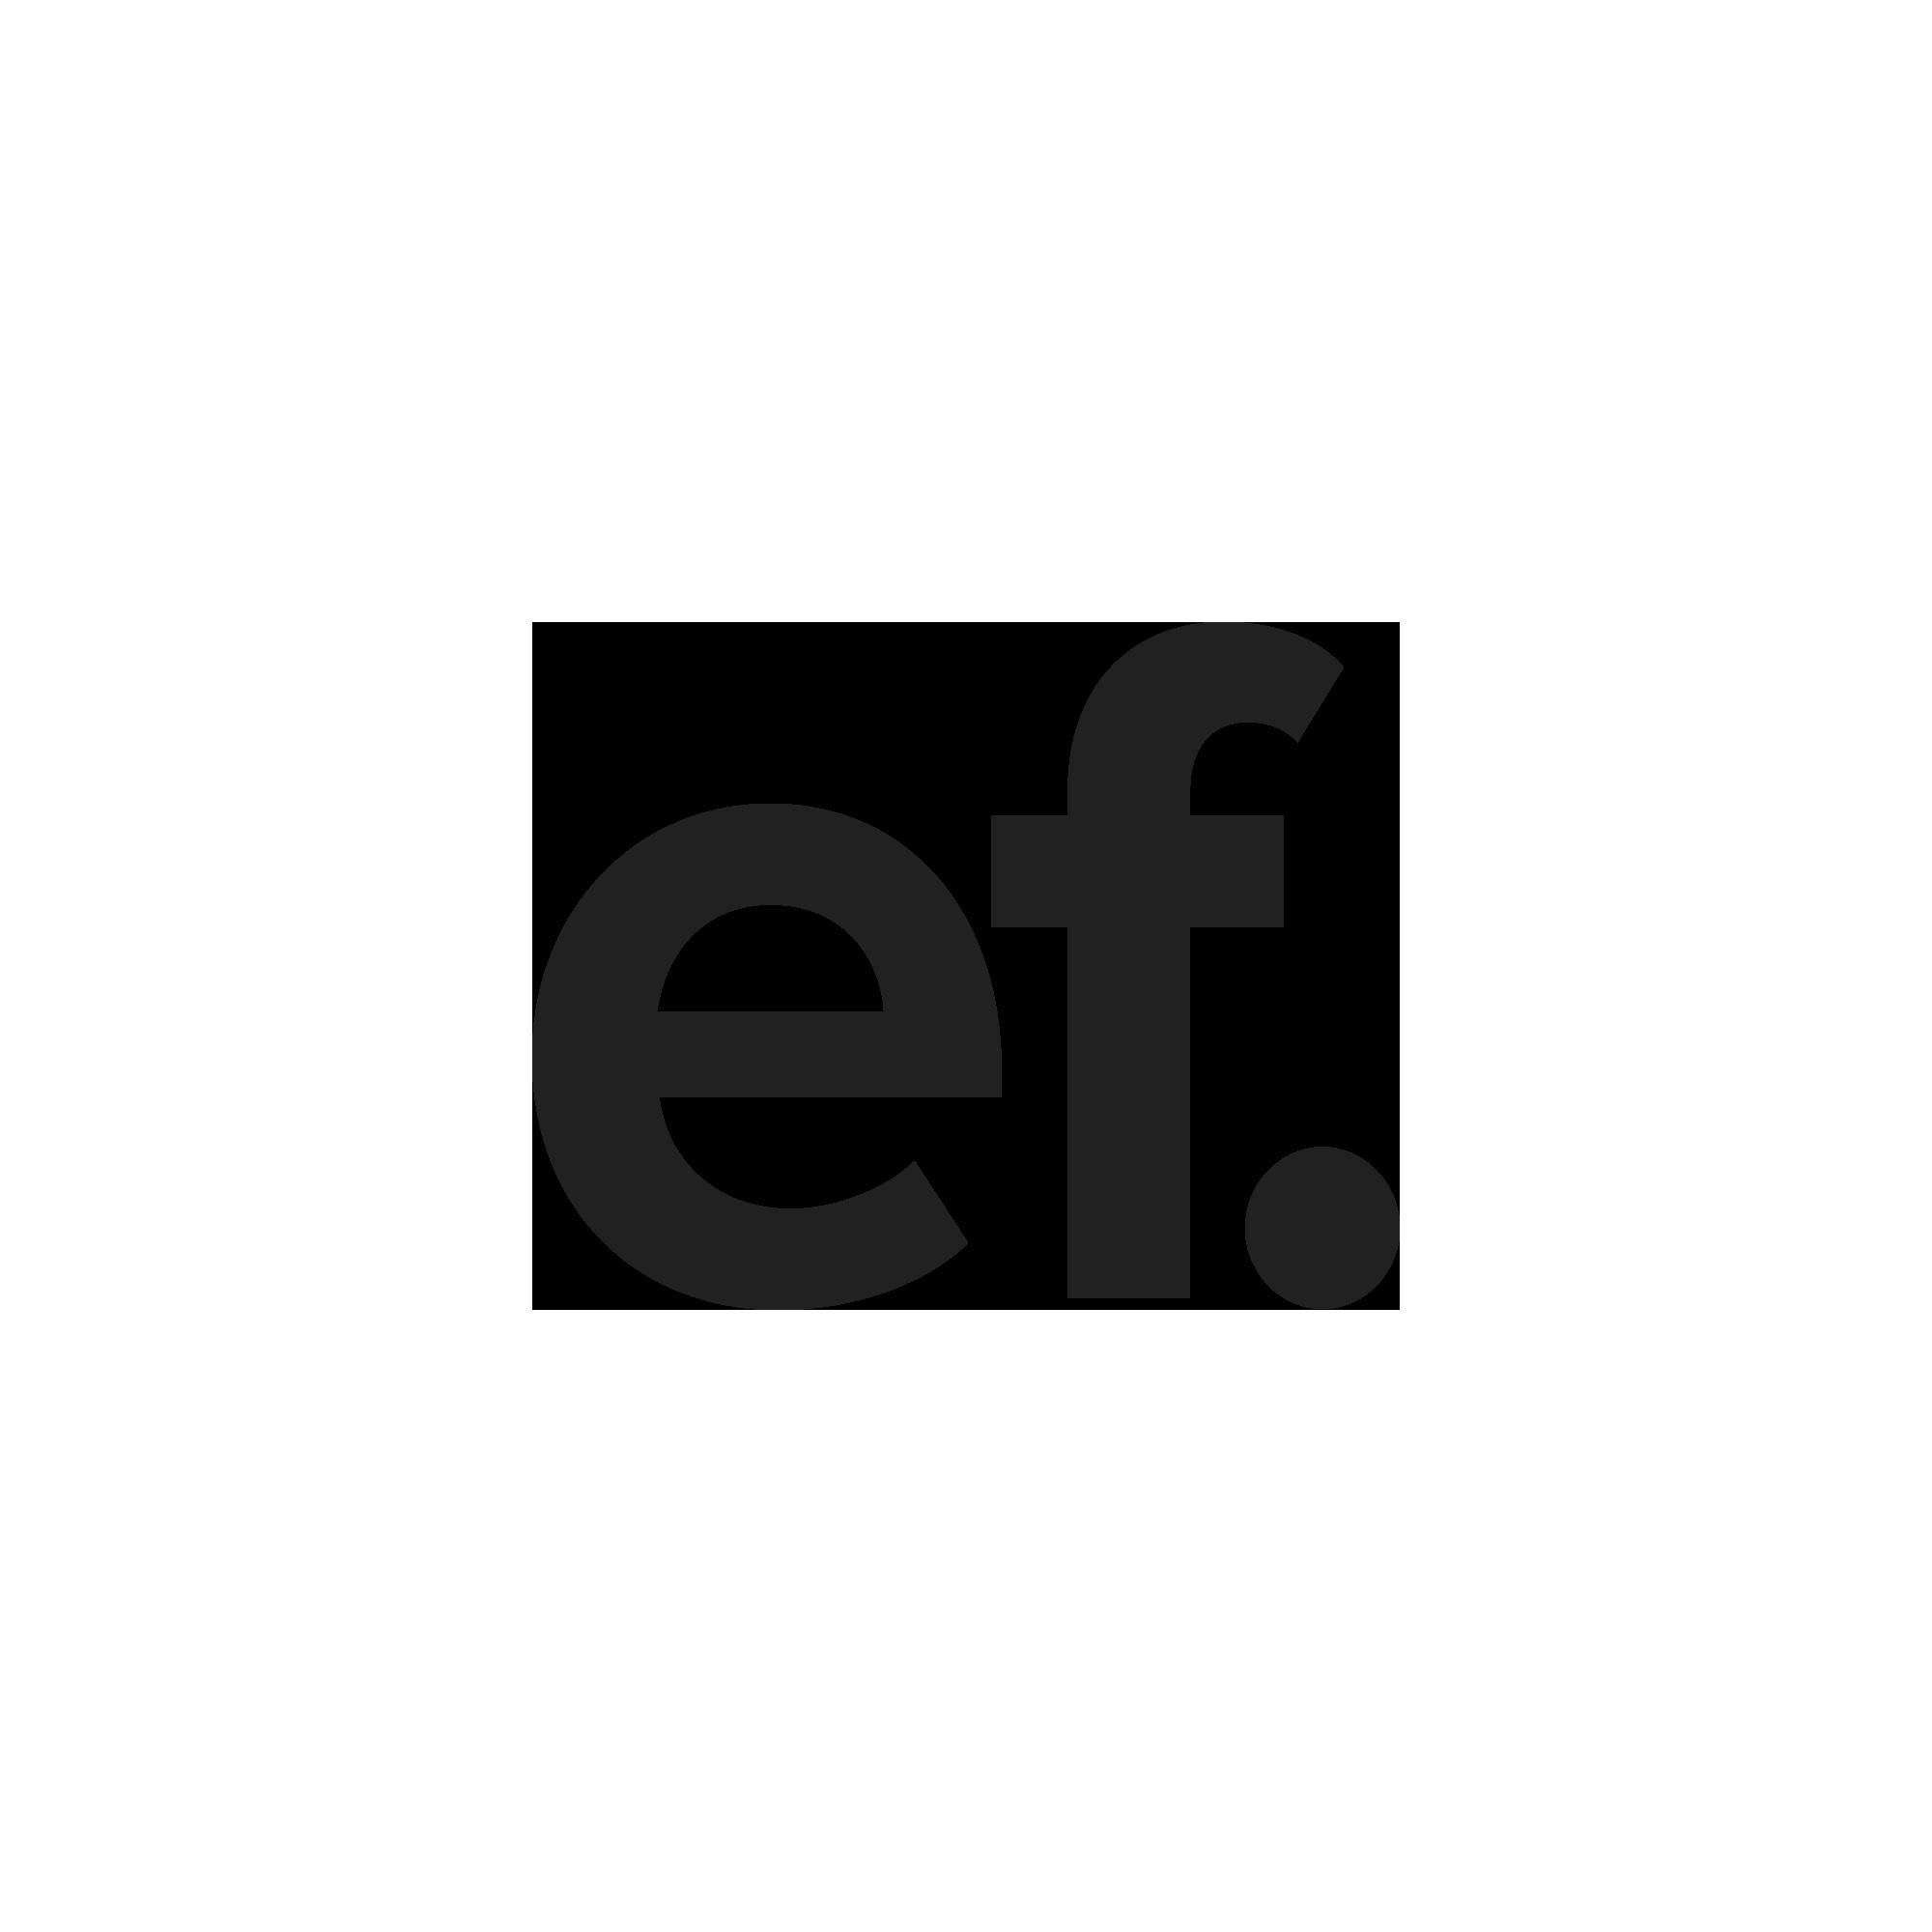 Entrepreneur First company logo